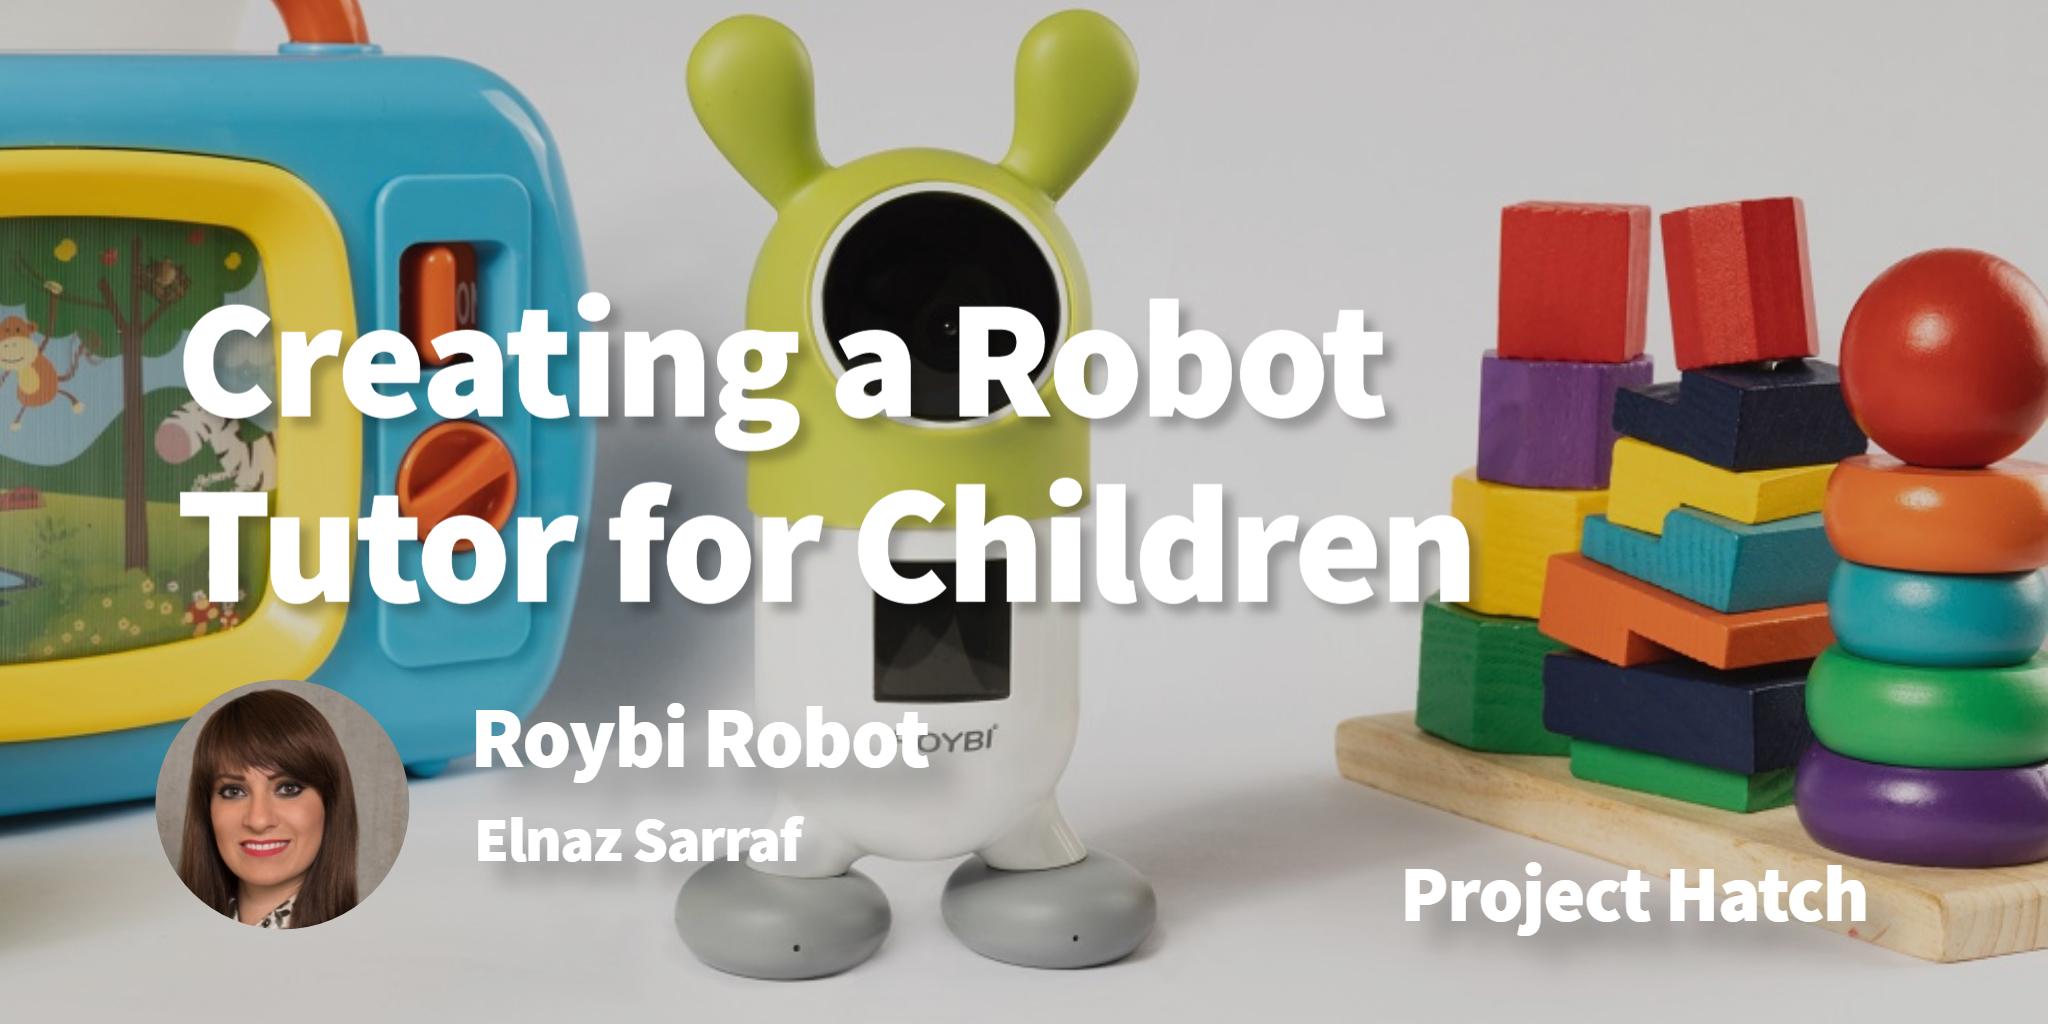 Roybi Robot Elnaz Sarraf